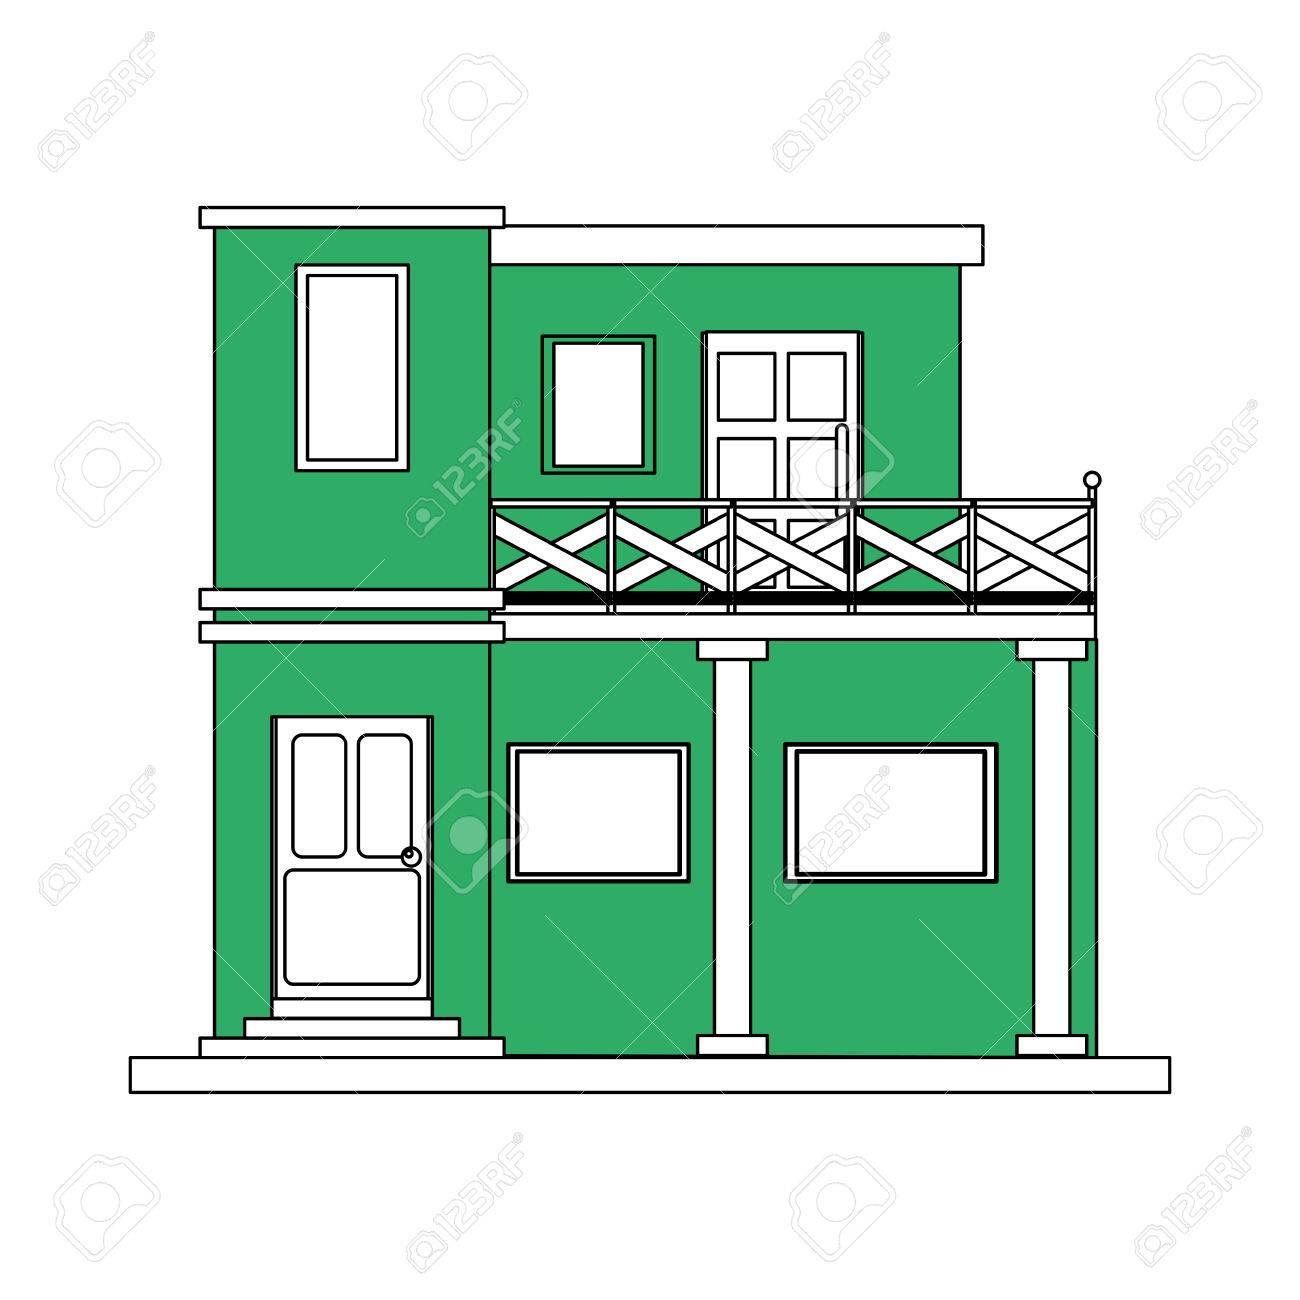 Silhouette De Couleur Dessin Animé Façade Verte Style De Maison Moderne Avec Deux étages Et Balcon Illustration Vectorielle